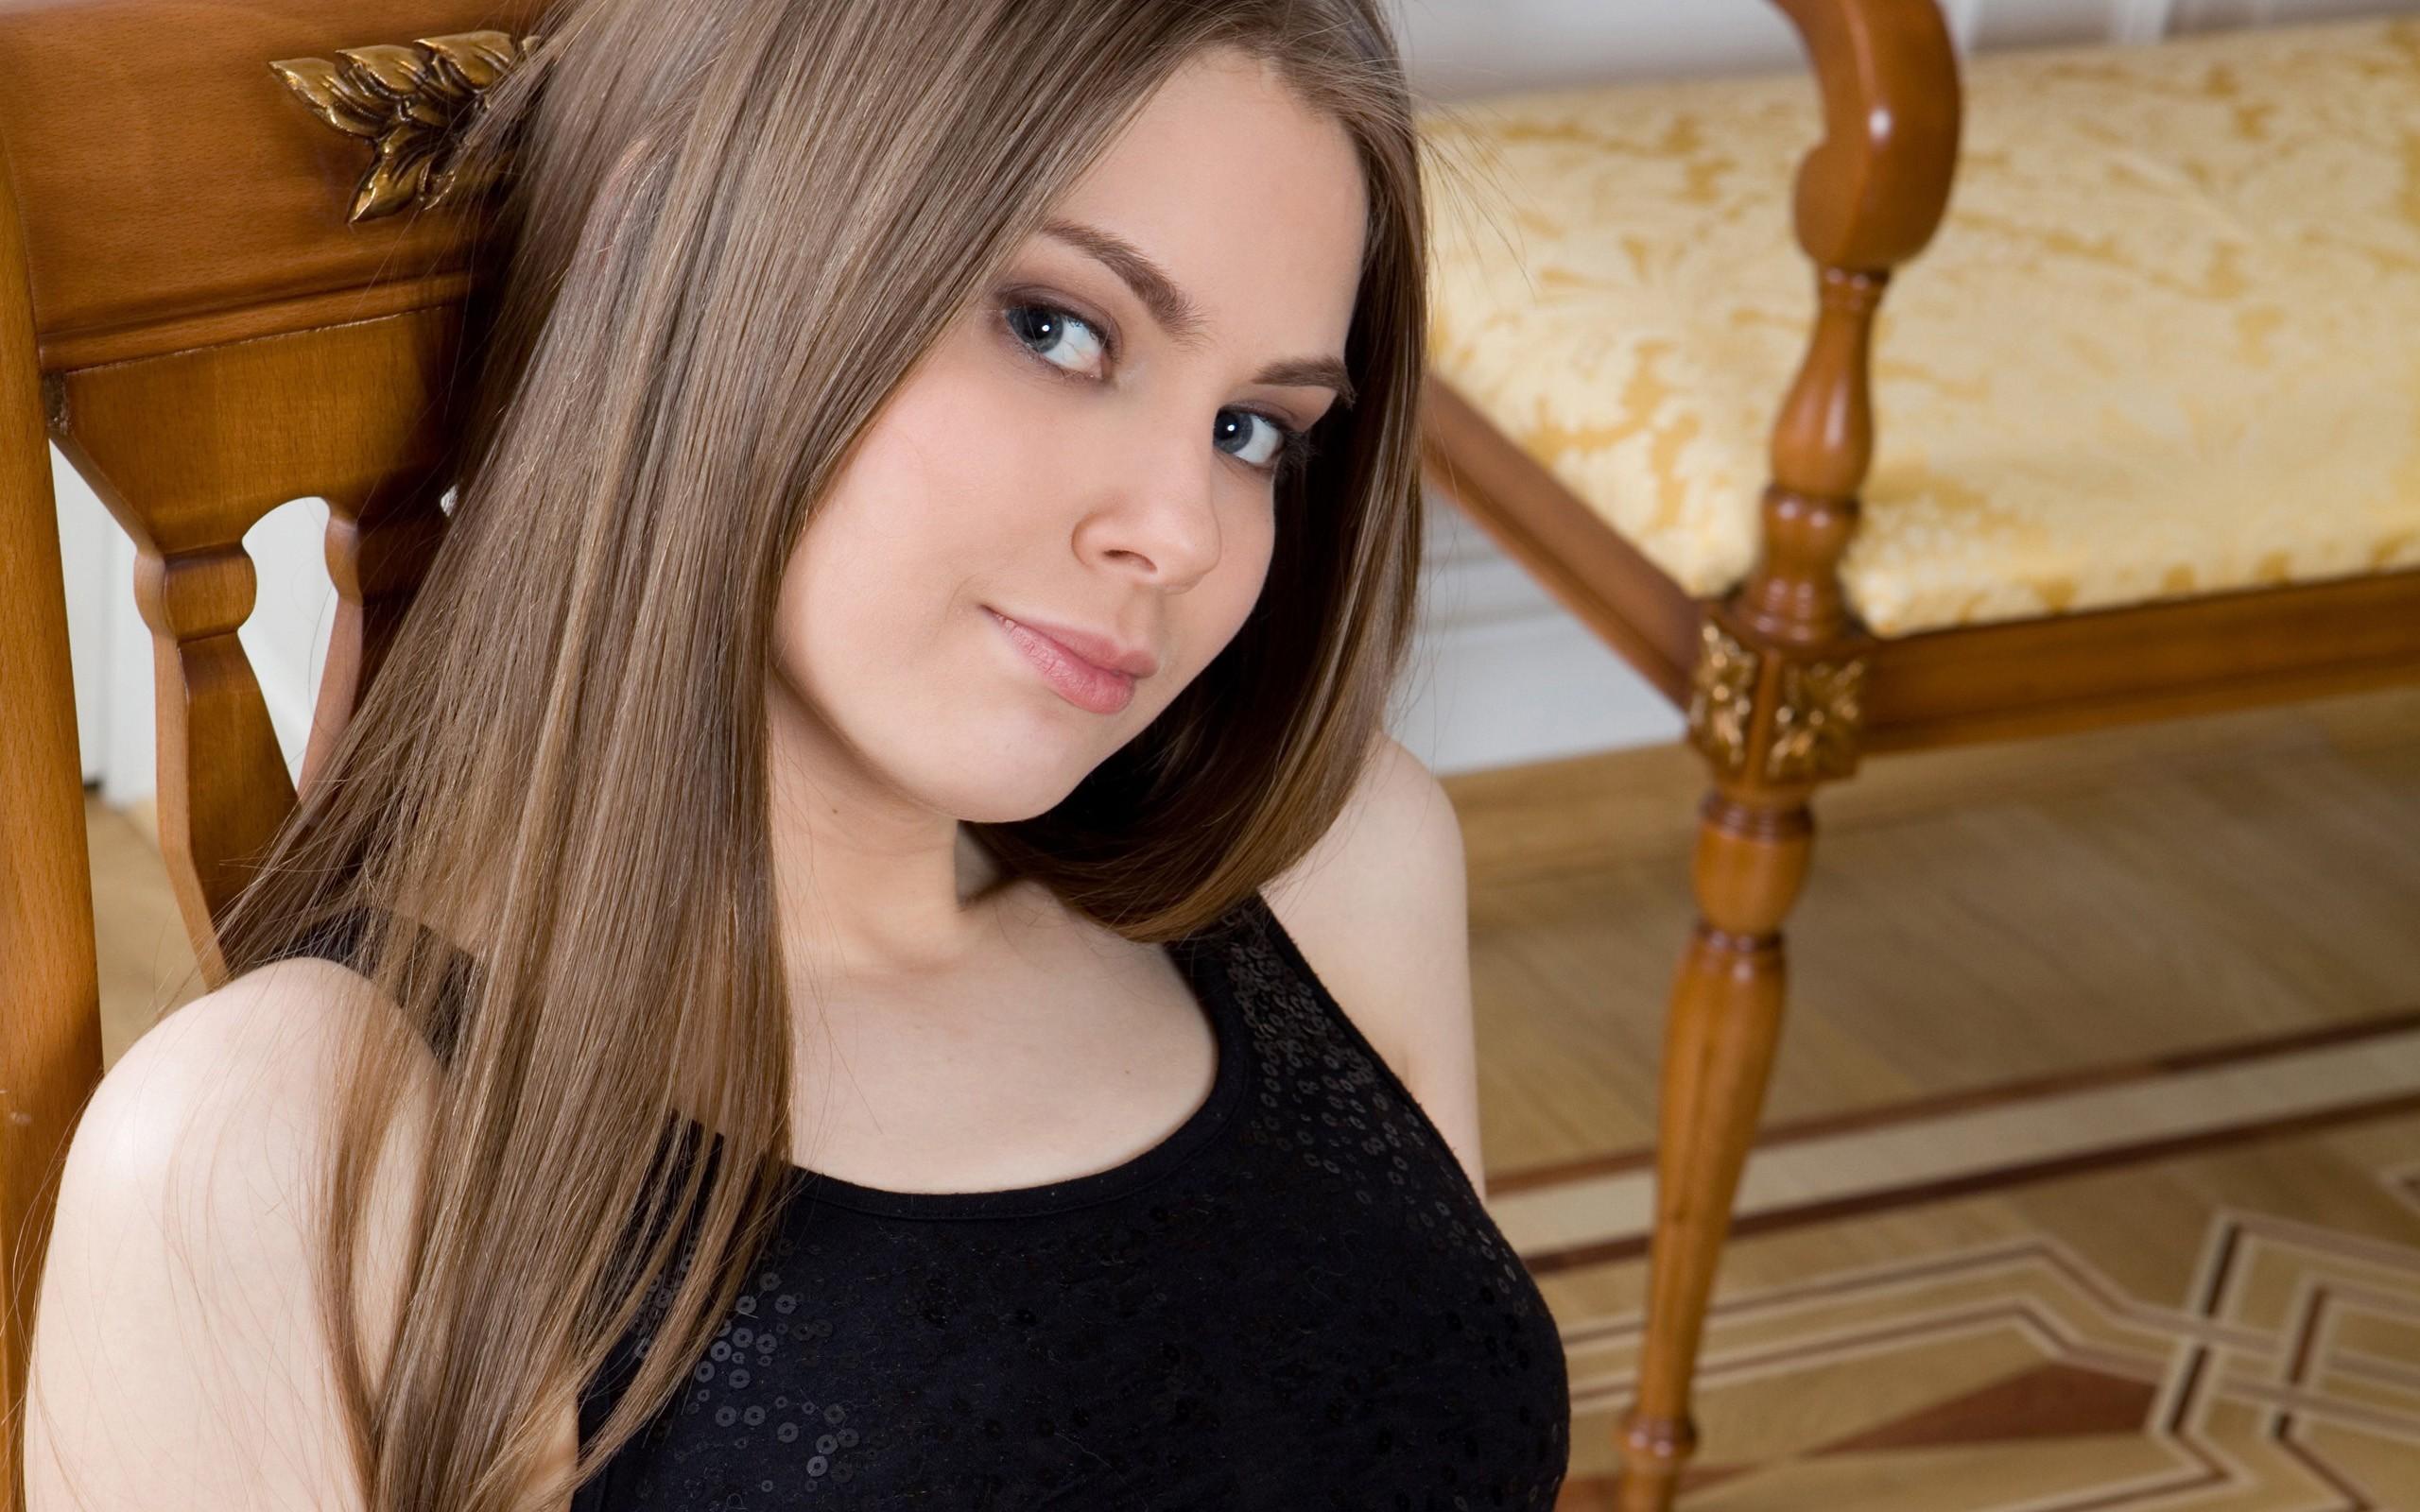 Chica de pelo largo - 2560x1600